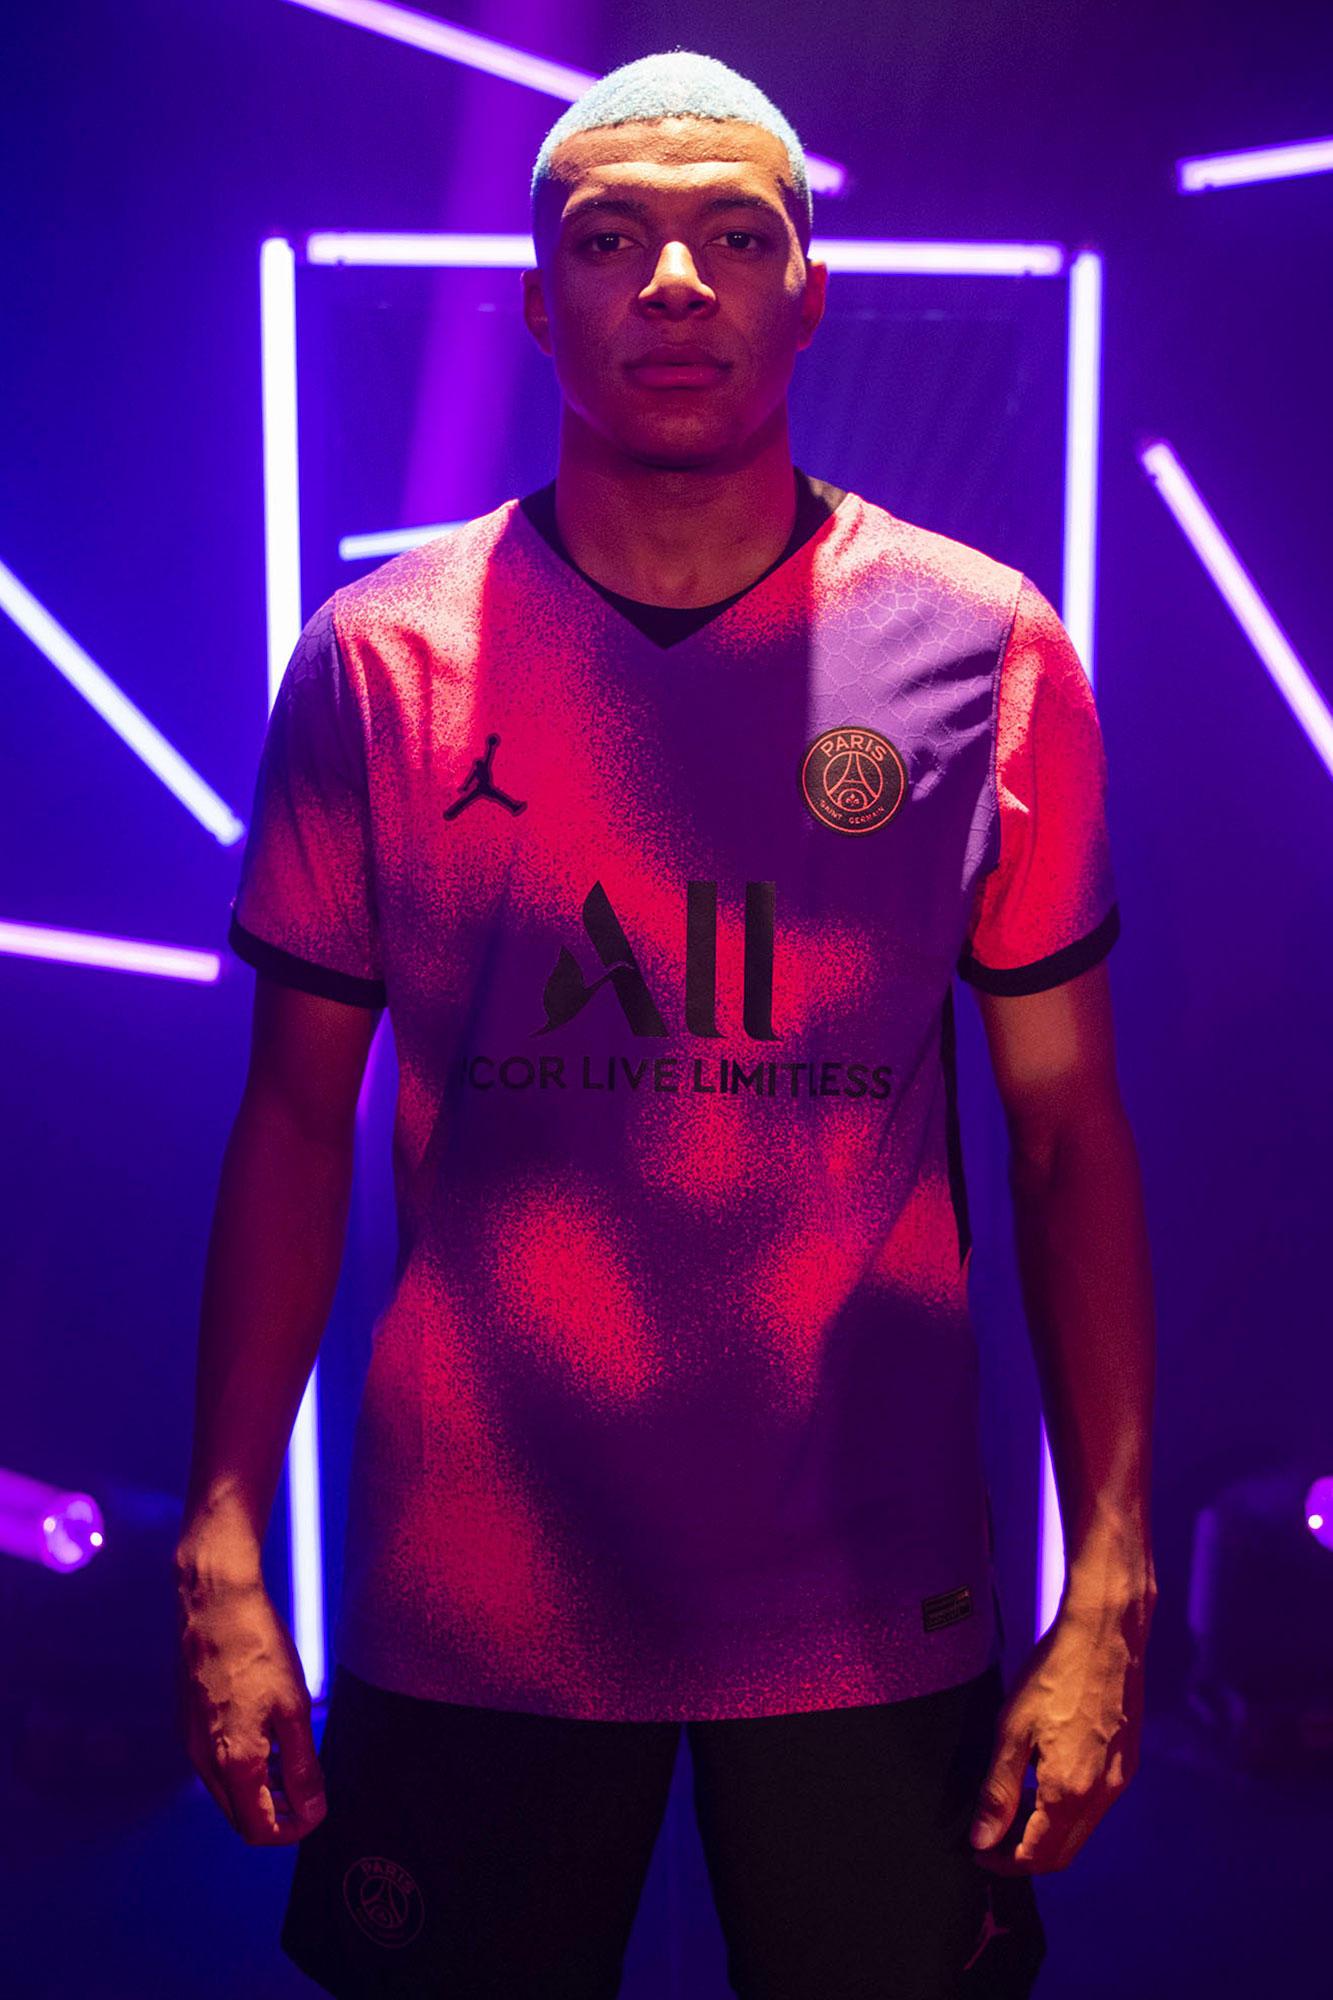 Jordan Brand x PSG 4ème kit 2020-21